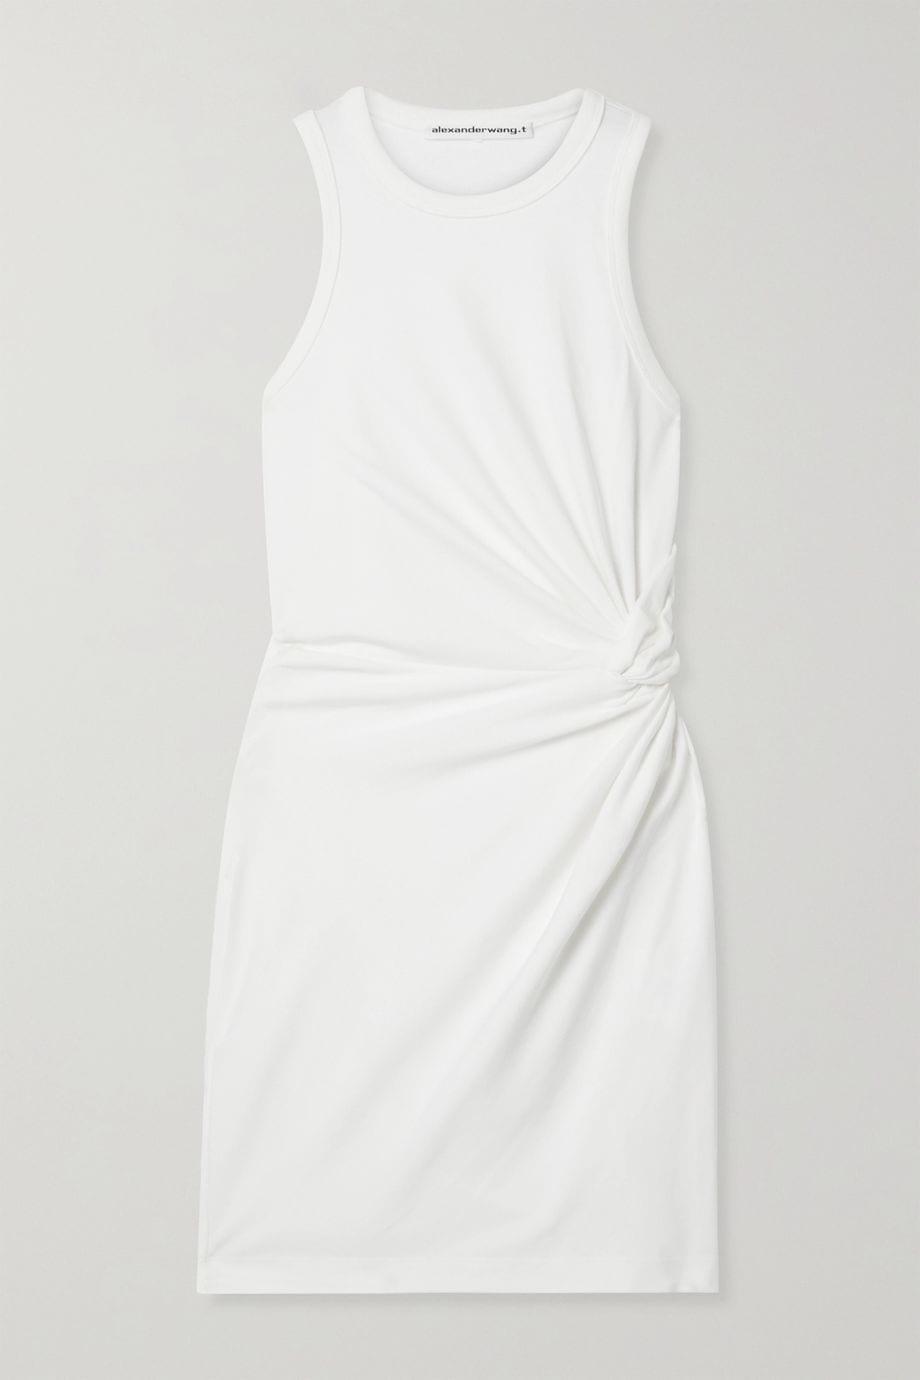 ALEXANDERWANG.T Knotted Cotton-blend Jersey Mini Dress